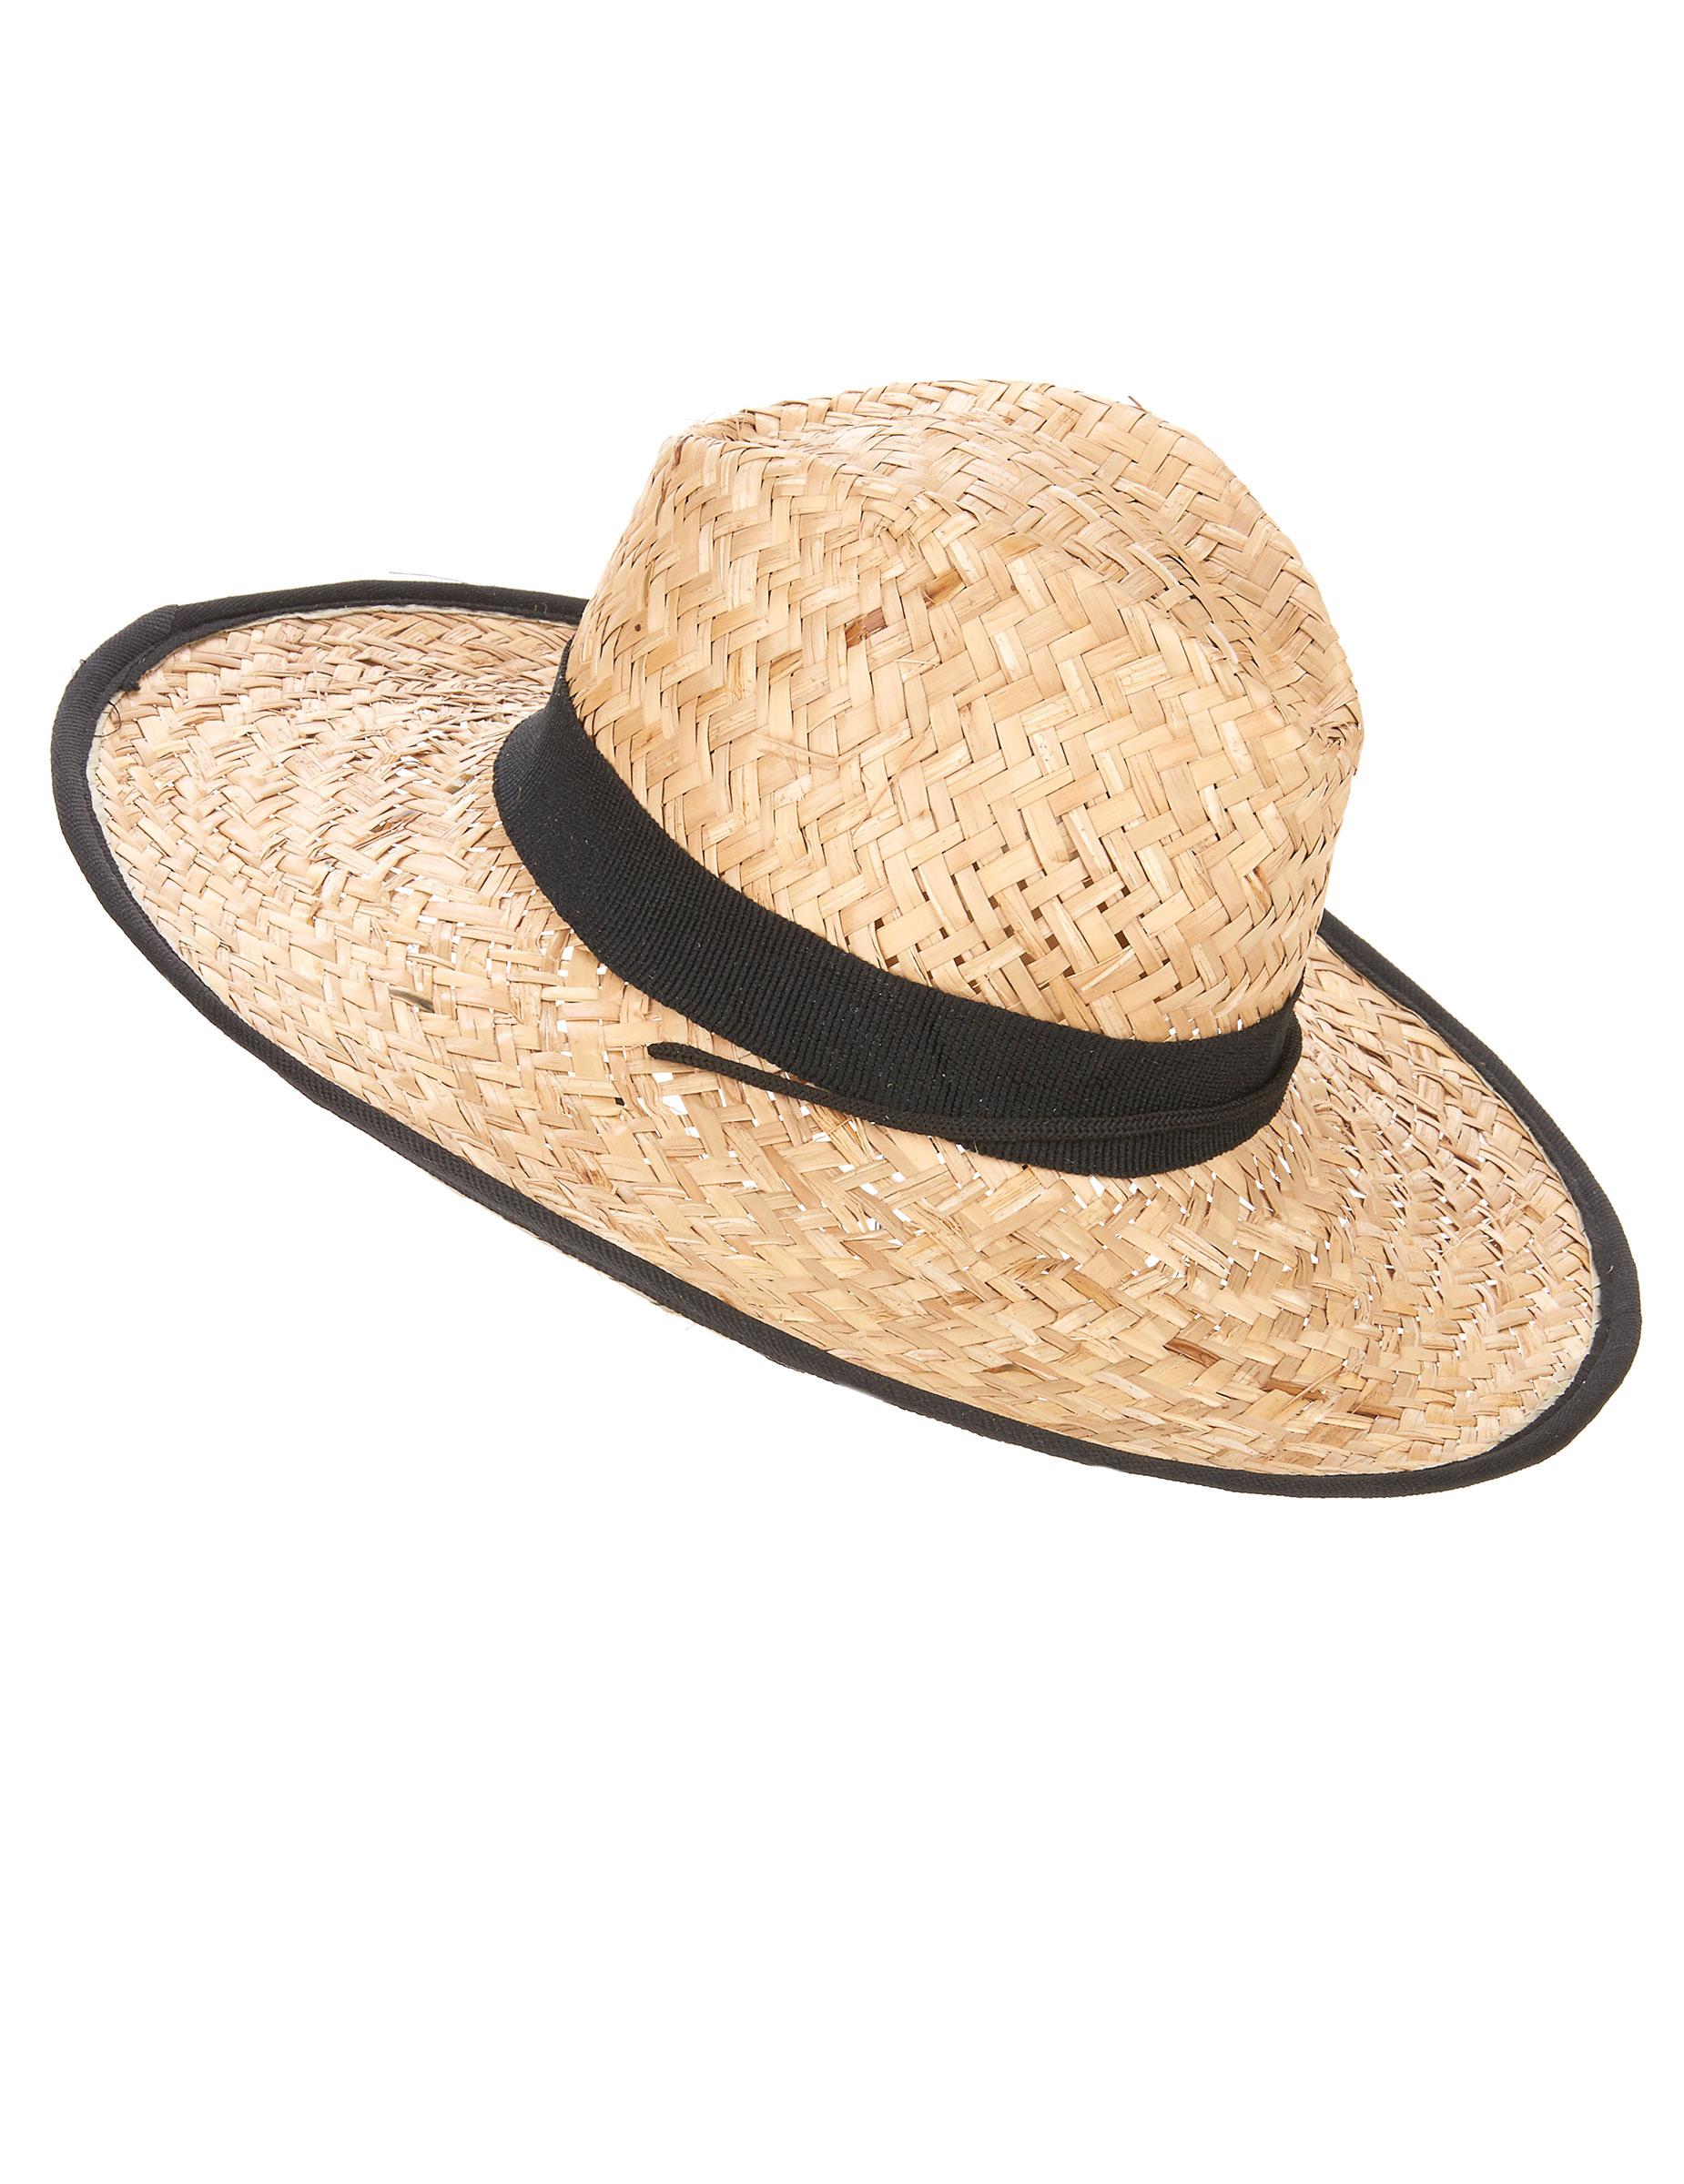 Cappelli di paglia naturale o colorata - Vegaoo.it 9e91b3d499eb